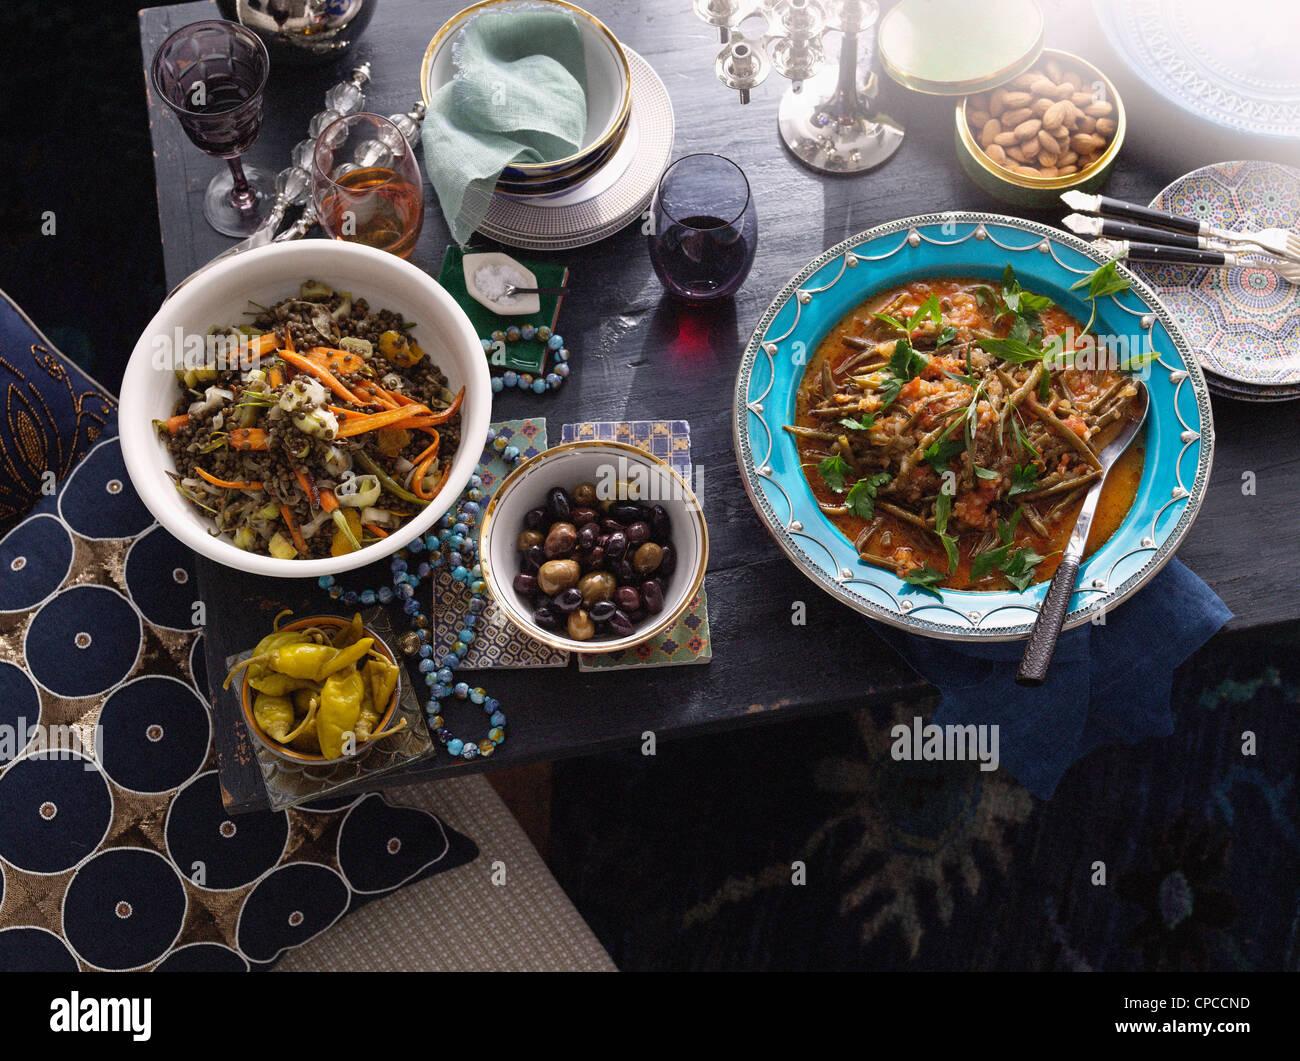 La nourriture turque de plaques sur la table Banque D'Images